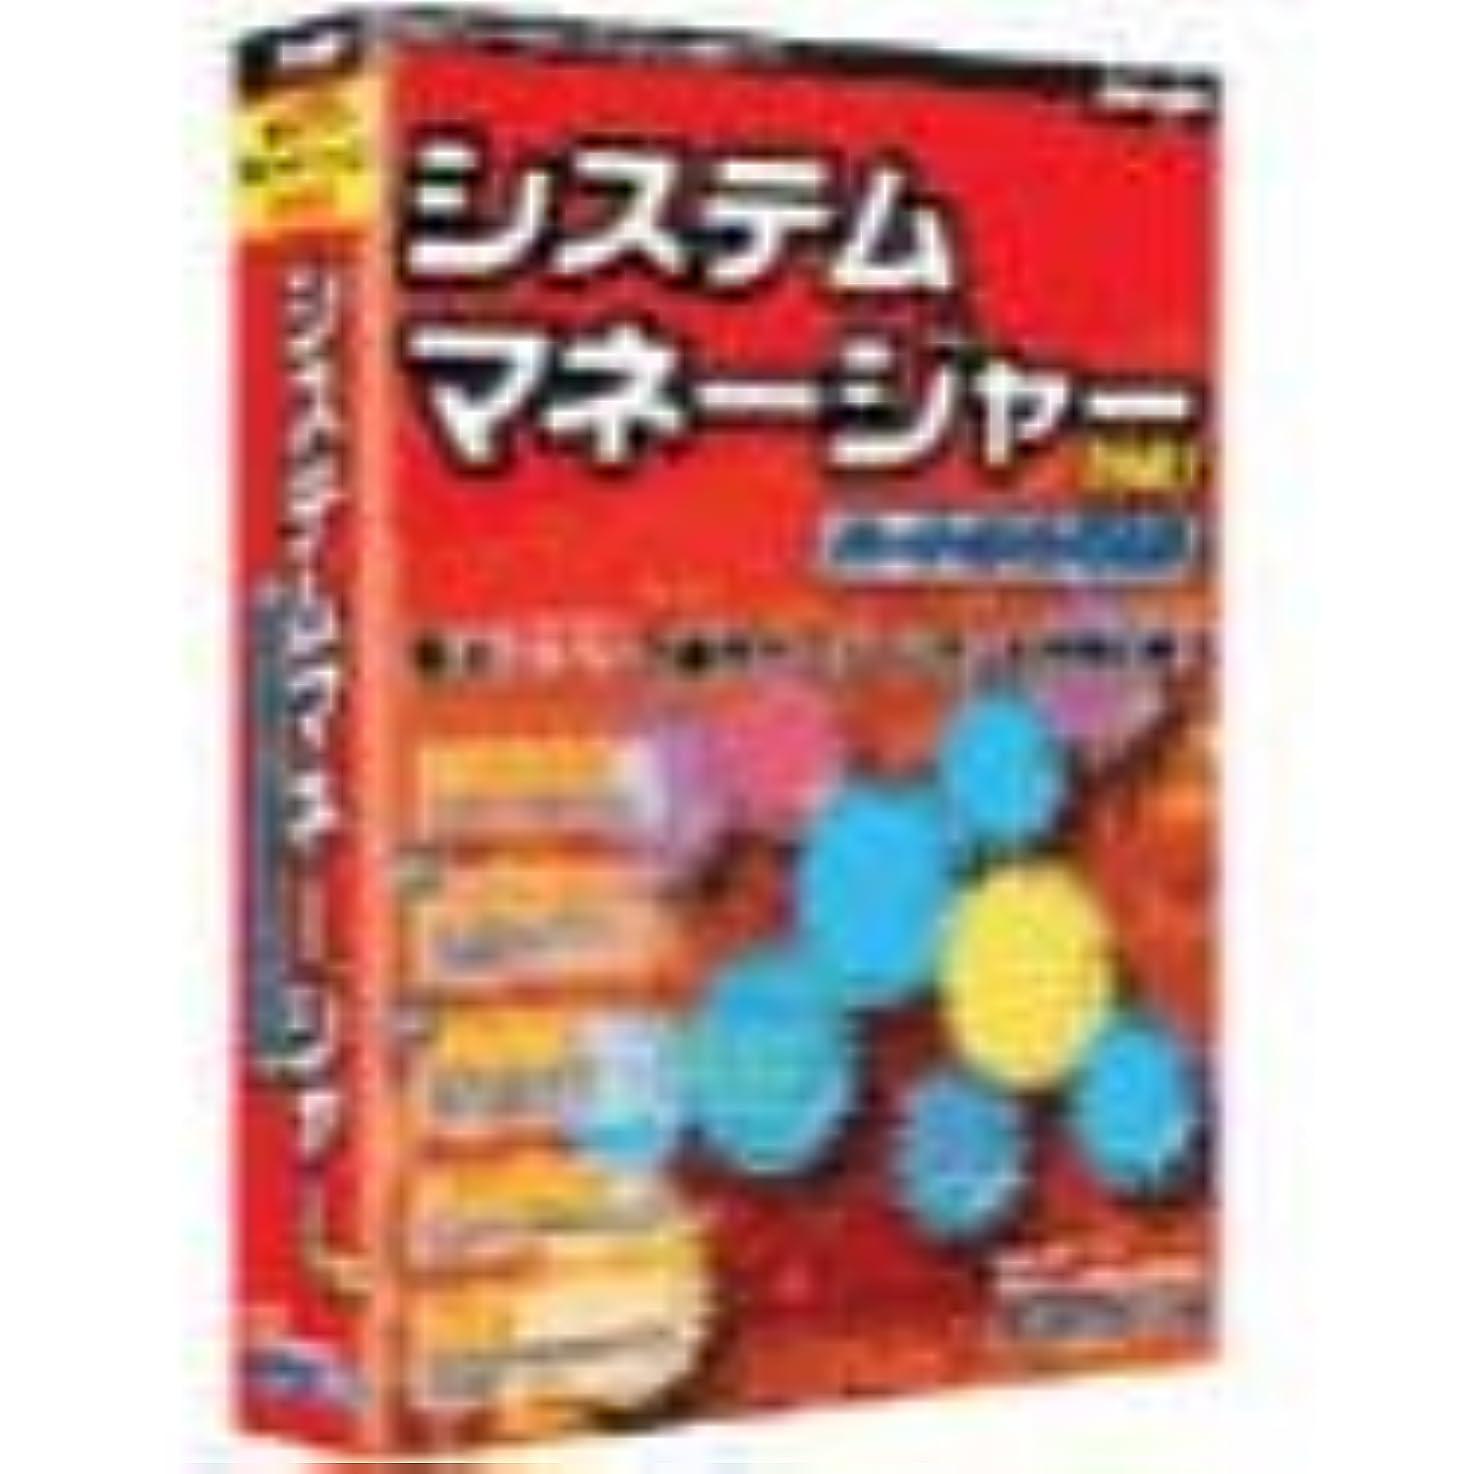 ヨーロッパものノイズシステムマネージャー2003 パーティション革命!!!